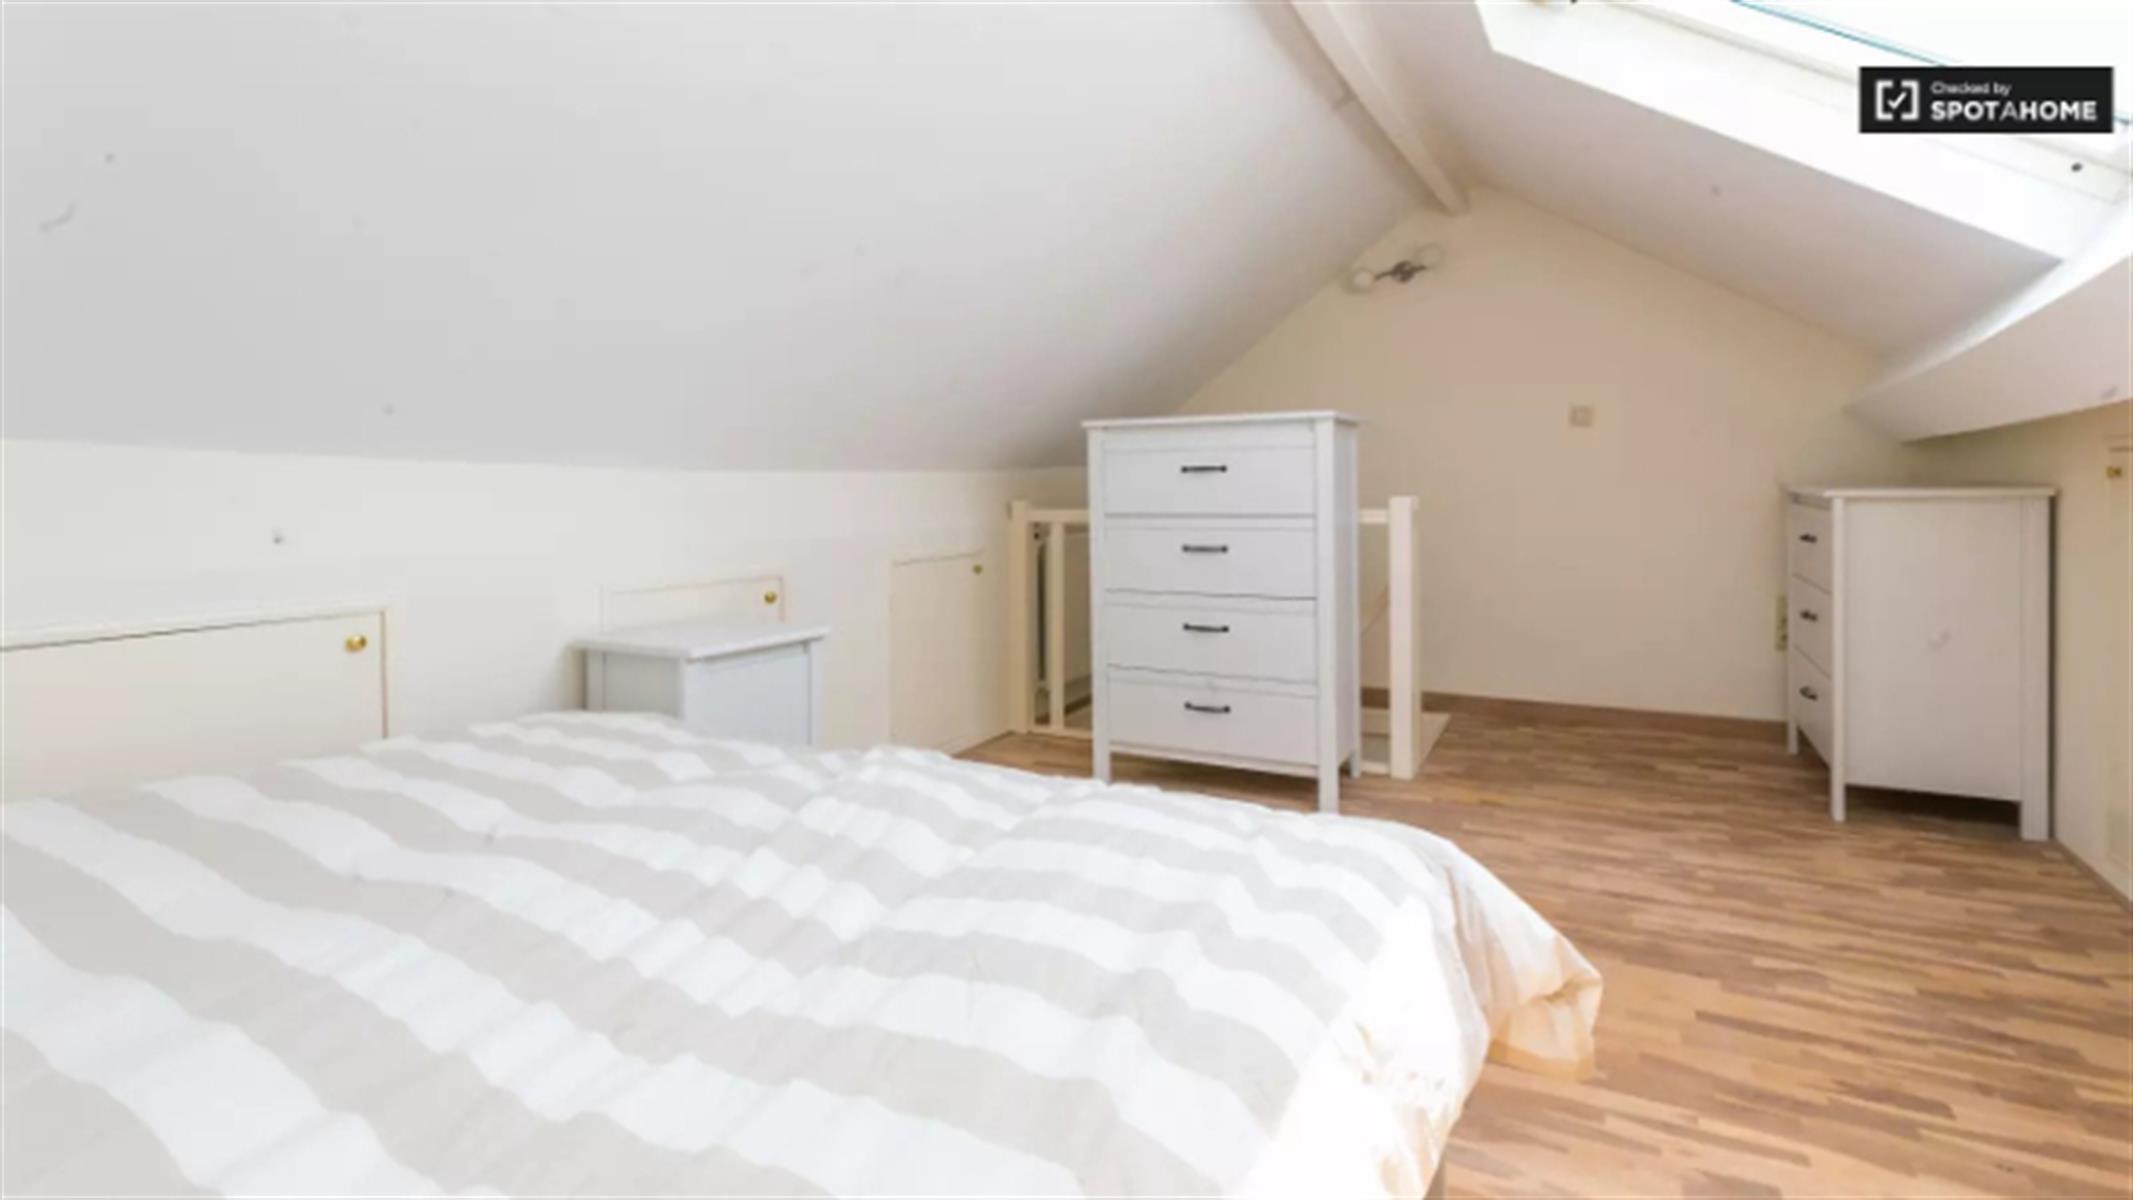 Appartement - Ixelles - #4150592-8